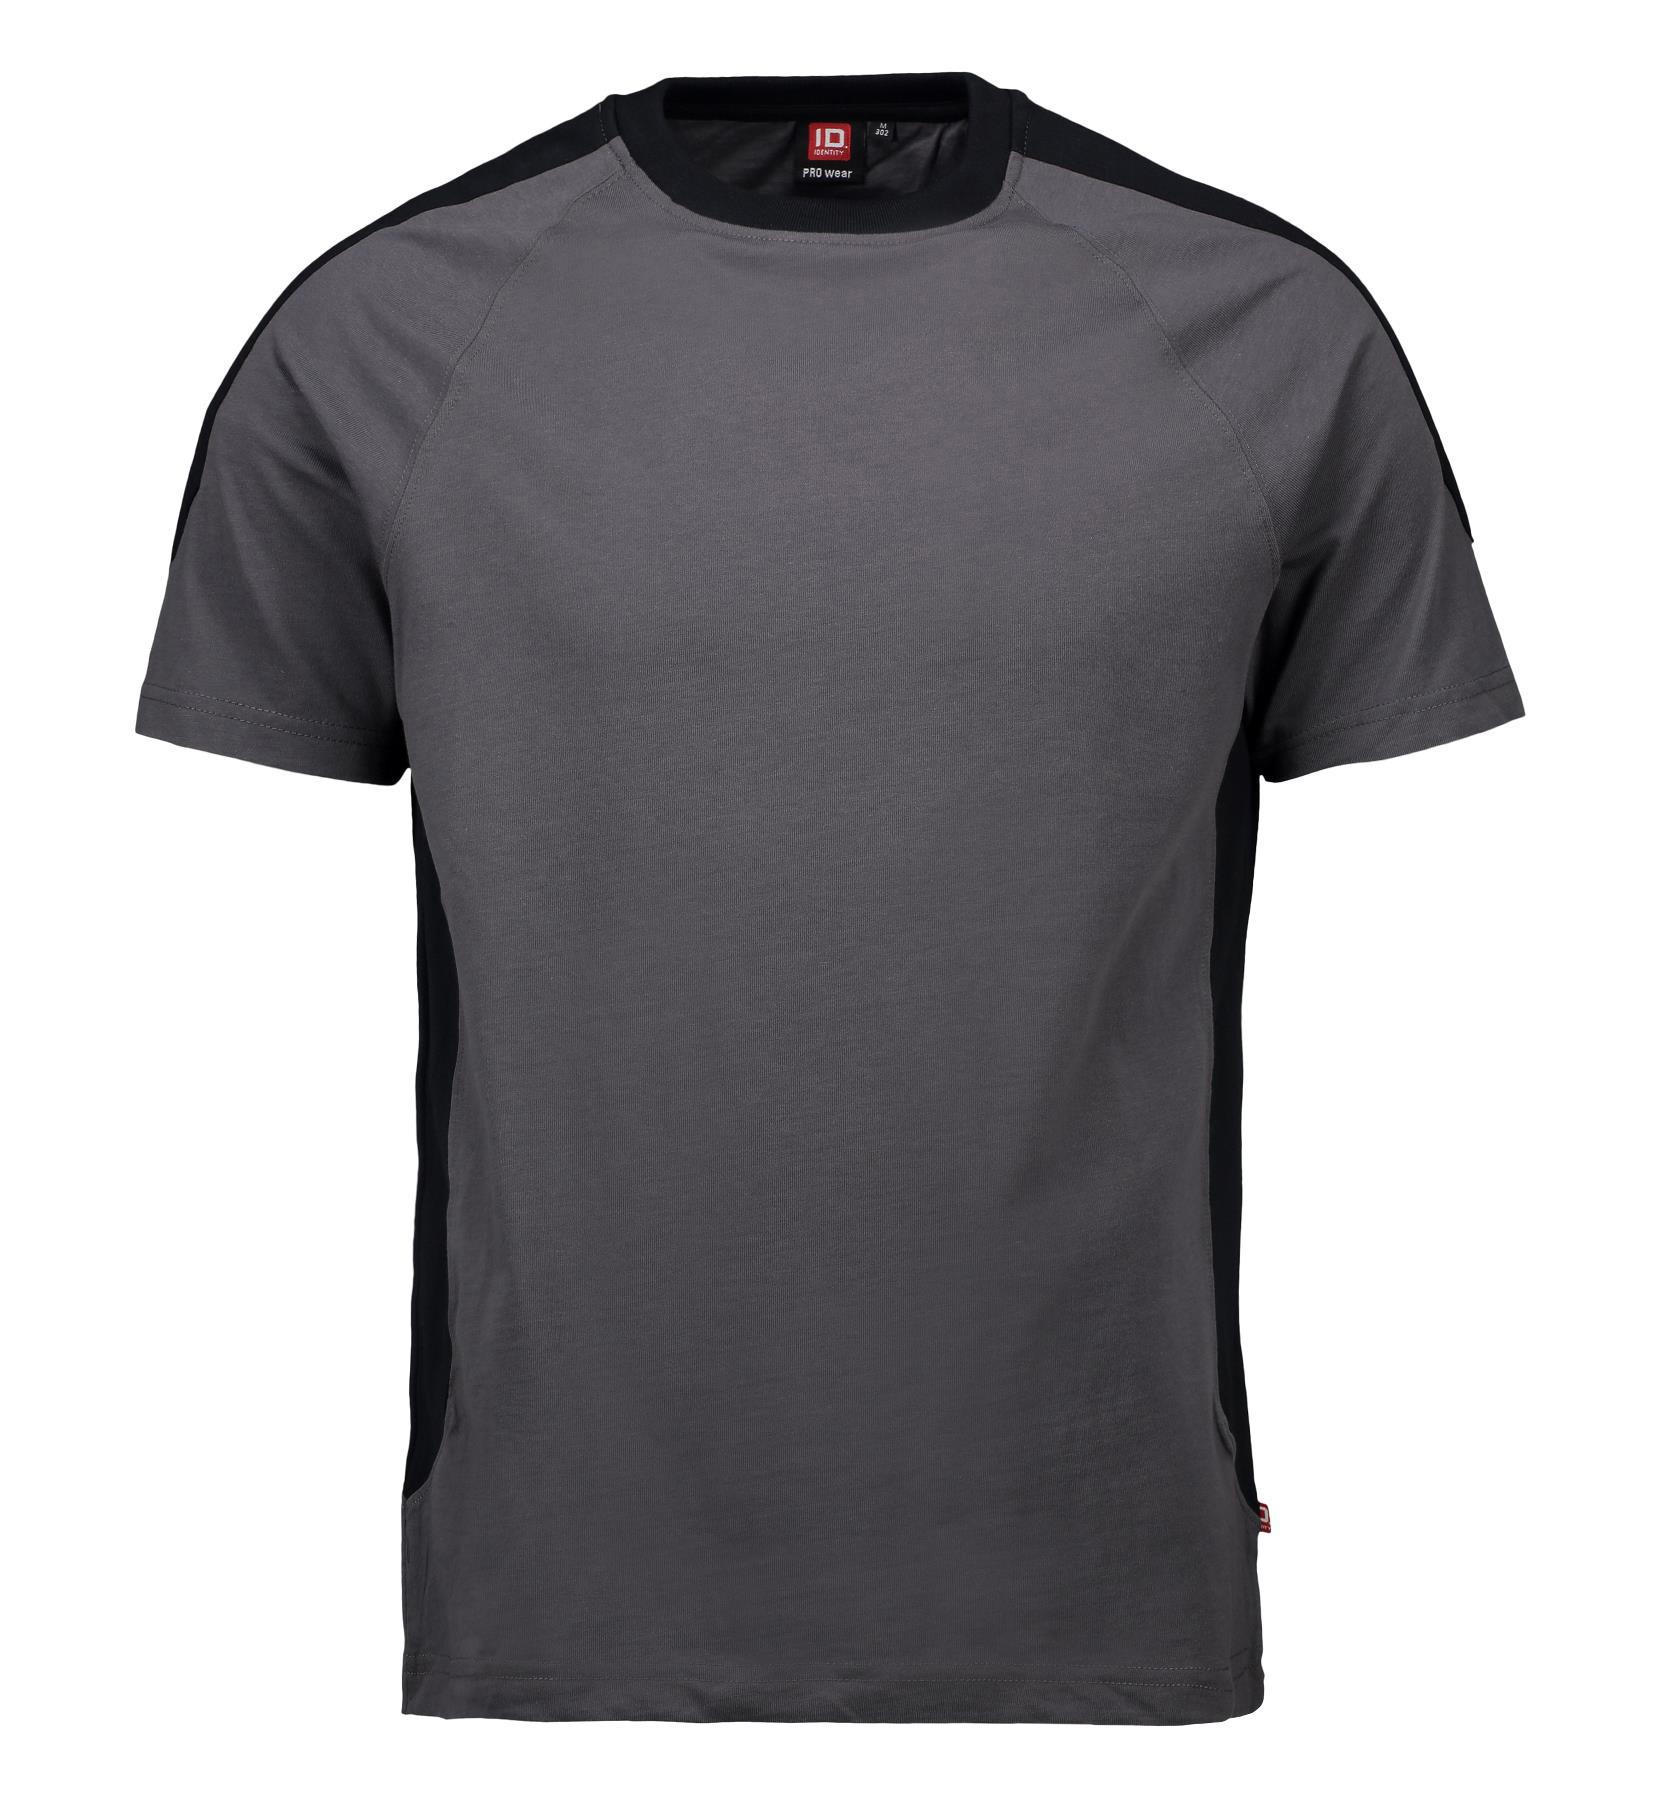 Pro Wear T-Shirt Kontrast 0302